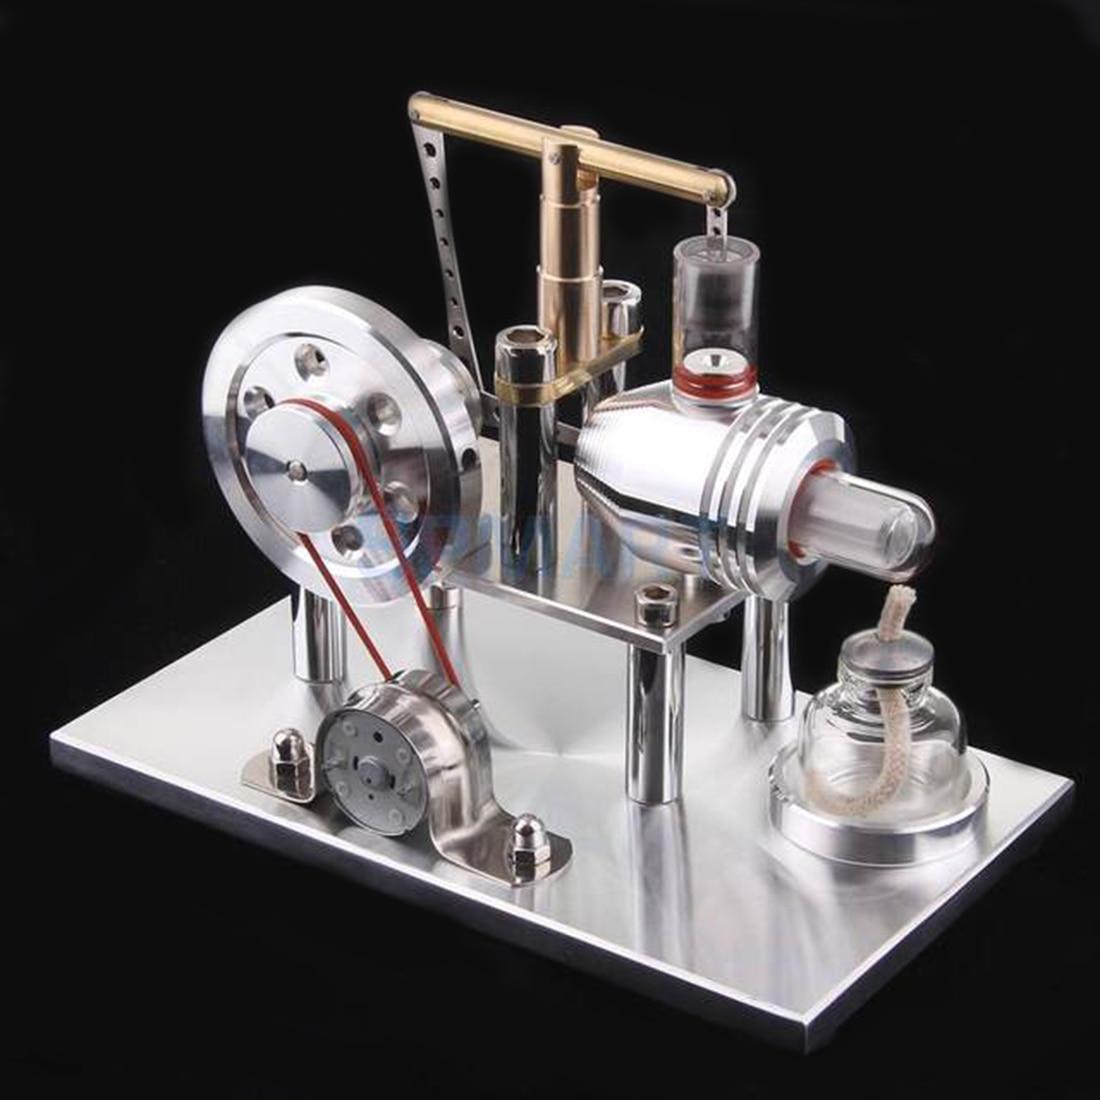 Nouveauté Balance Stirling moteur modèle moteur à Combustion externe modèle passe-temps cadeau d'anniversaire jouets bricolage tige de vapeur jouet